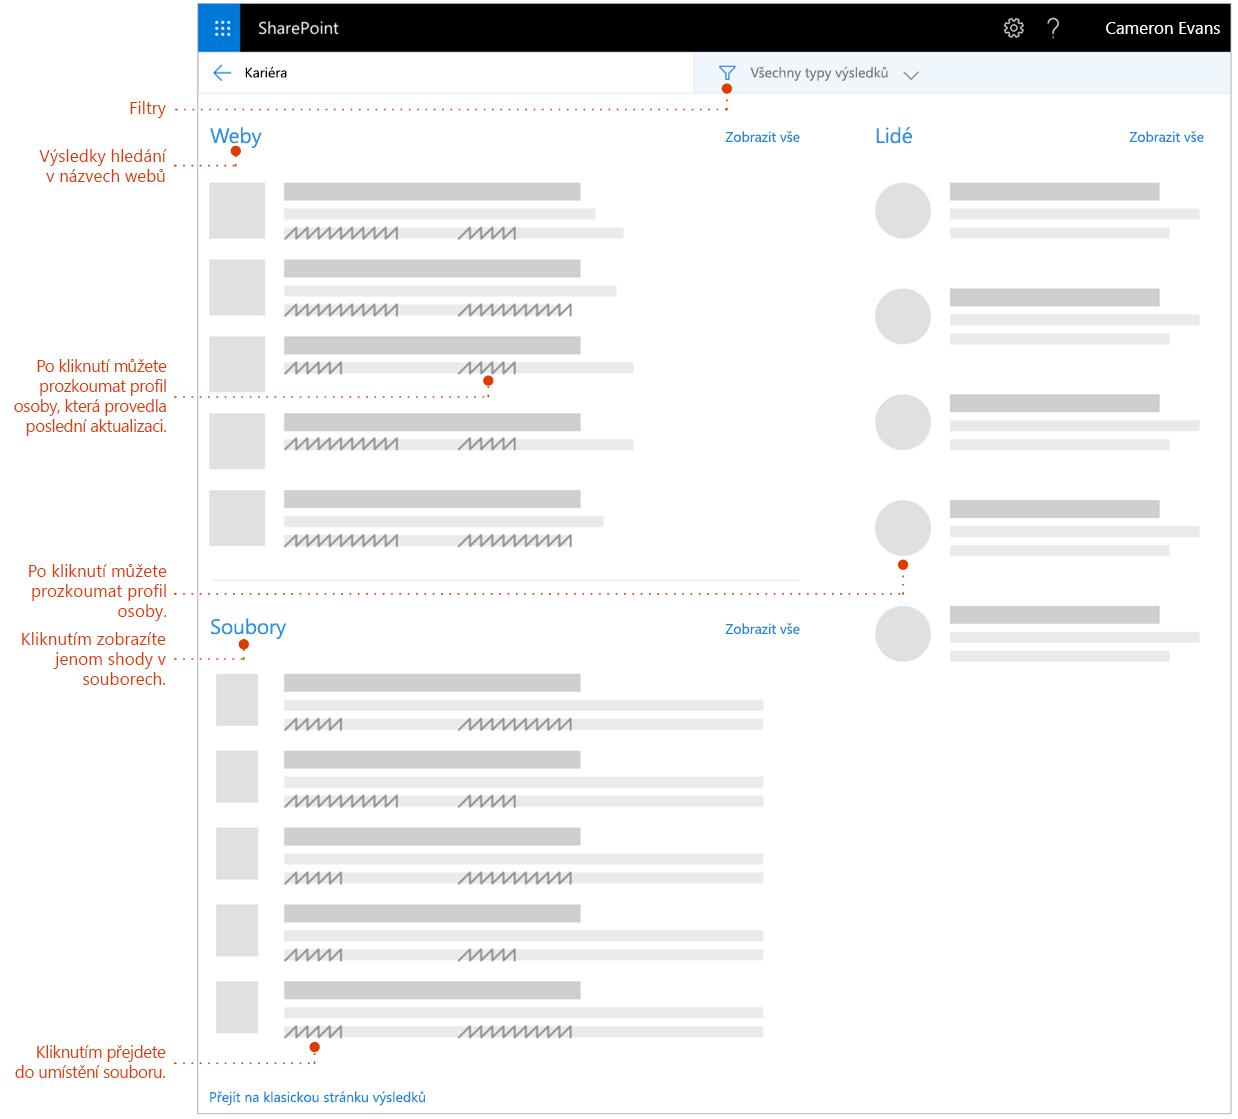 Snímek obrazovky s hledání výsledky stránka s odkazy na prvky, které můžete prozkoumat.